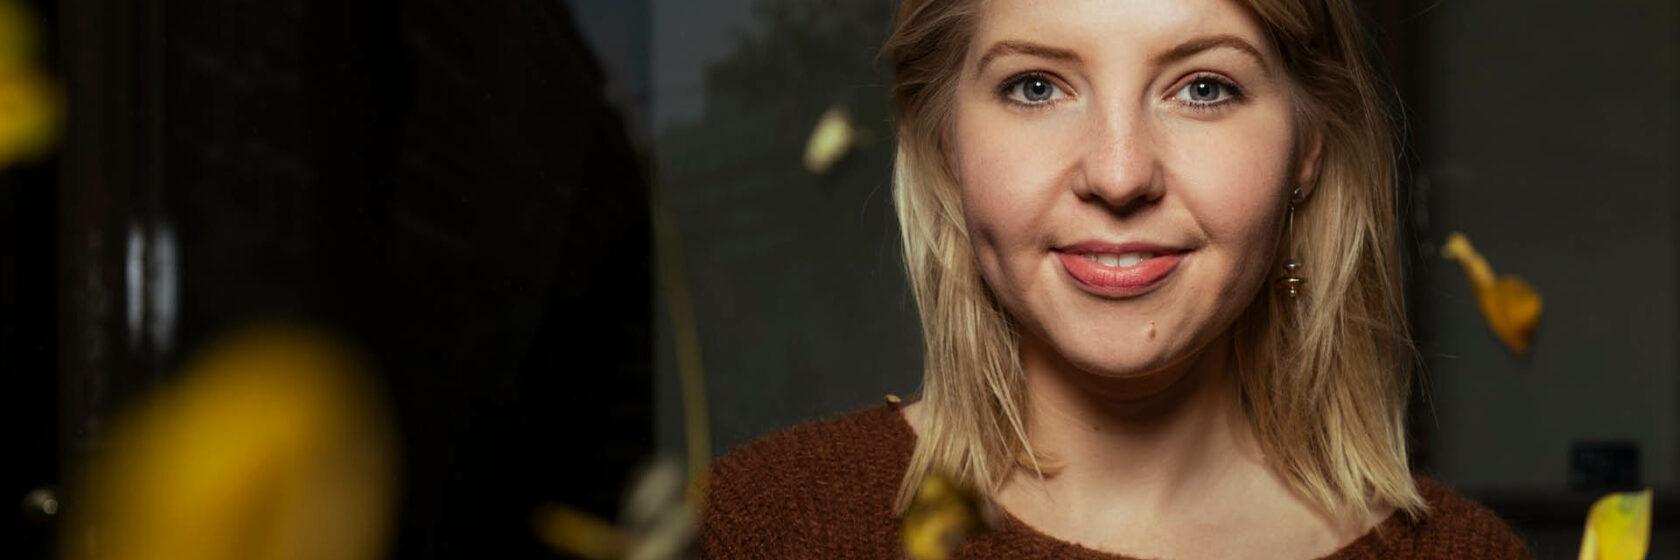 Sweco adviseur Femke Tiegelaar portretfoto